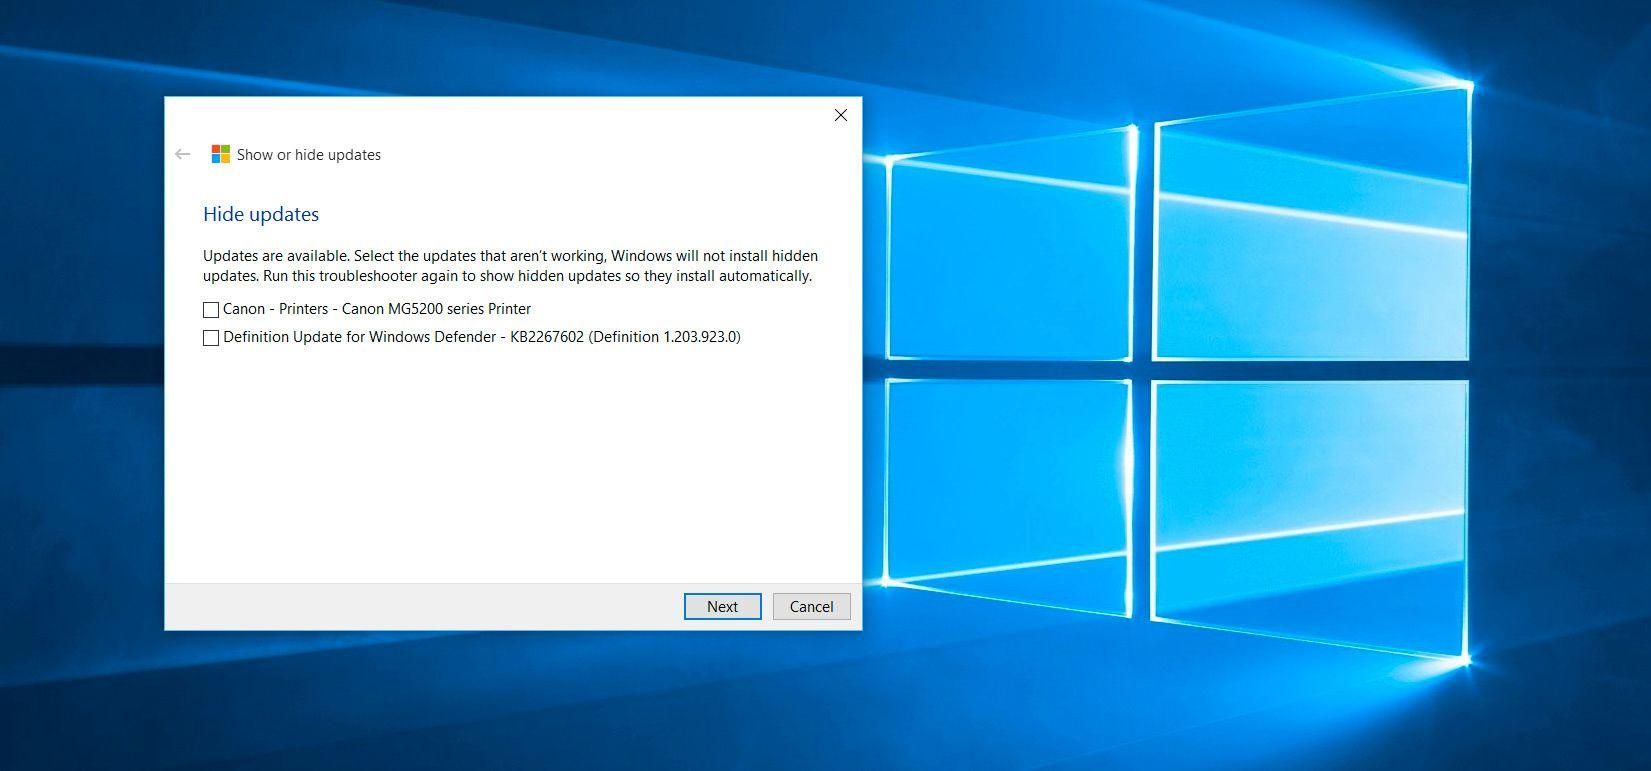 Velger du å skjule oppdateringer (Hide updates) kan du velge blant oppdateringene som er tilgjengelig for PC-en din. Vær obs på at allerede installerte oppdateringer først må fjernes igjen før de dukker opp her. Foto: Finn Jarle Kvalheim, Tek.no